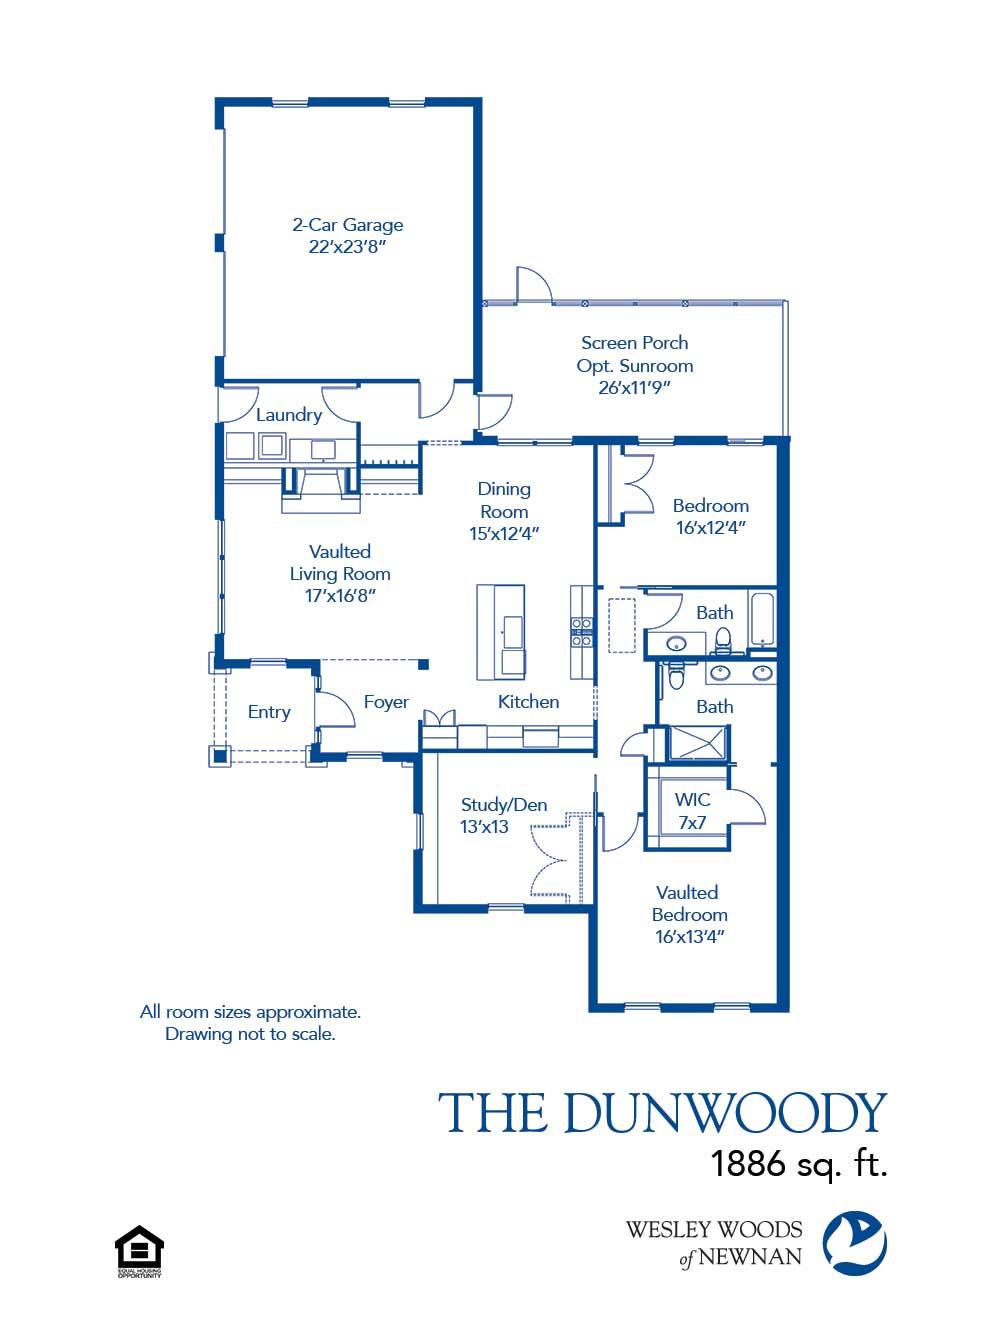 The Dunwoody 1 886 Sq Ft Wesley Woods